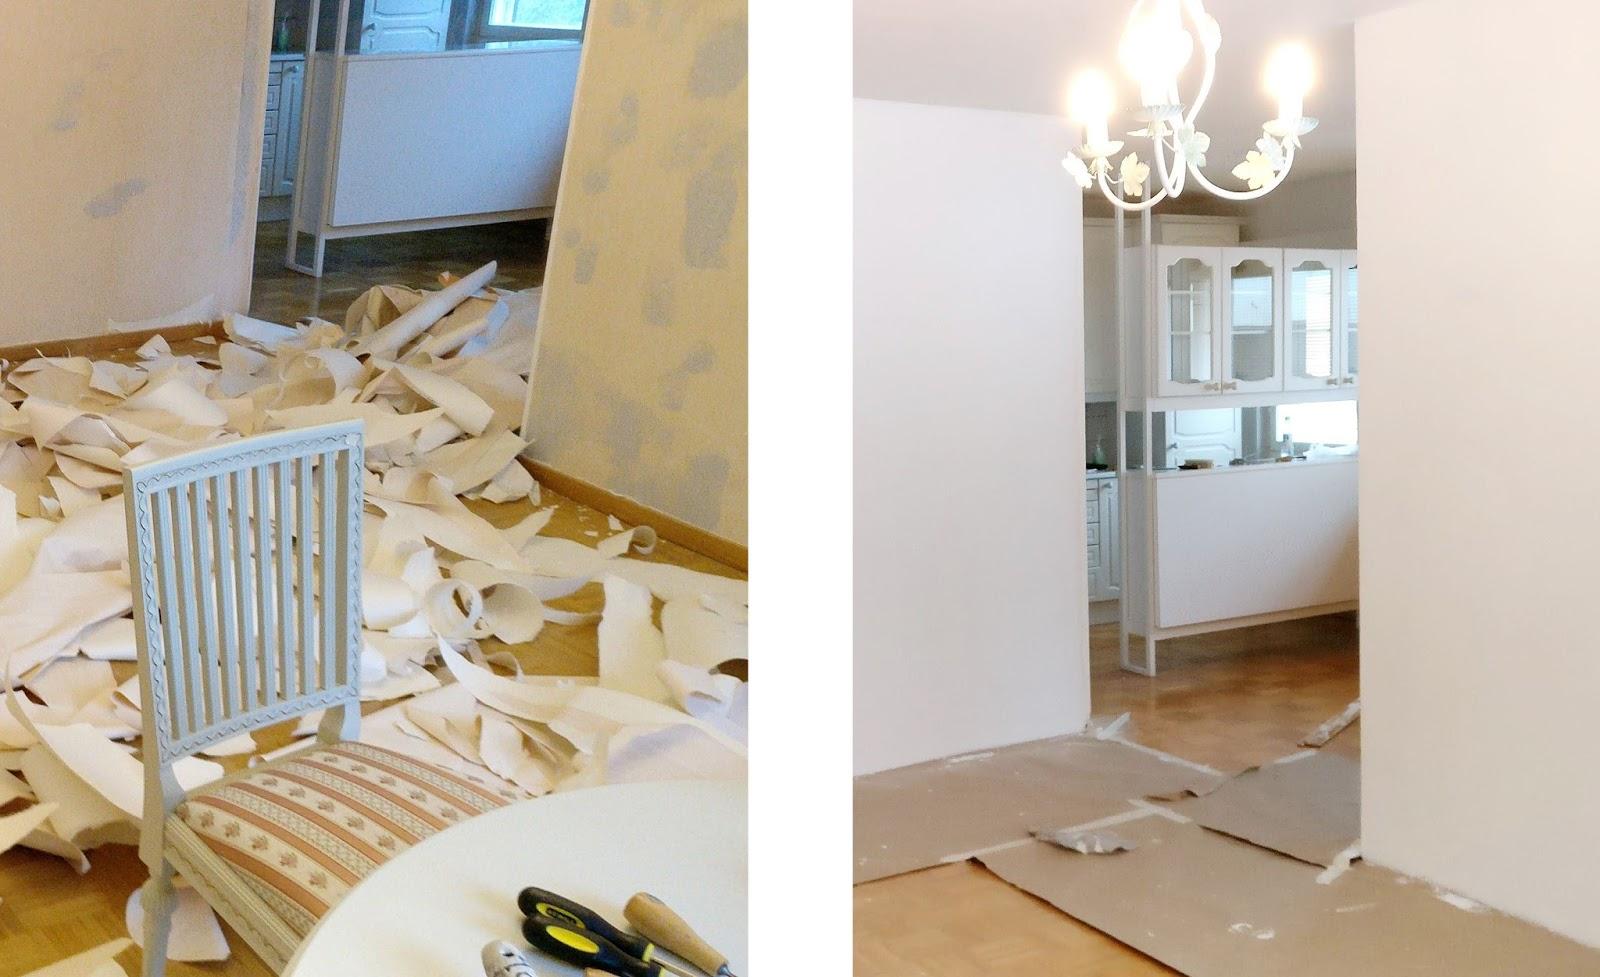 paint wall wallpaper maali seinät tapetti remontti renovation remontointi maalaaminen asunto koti sisustus interior home vinkkejä tips